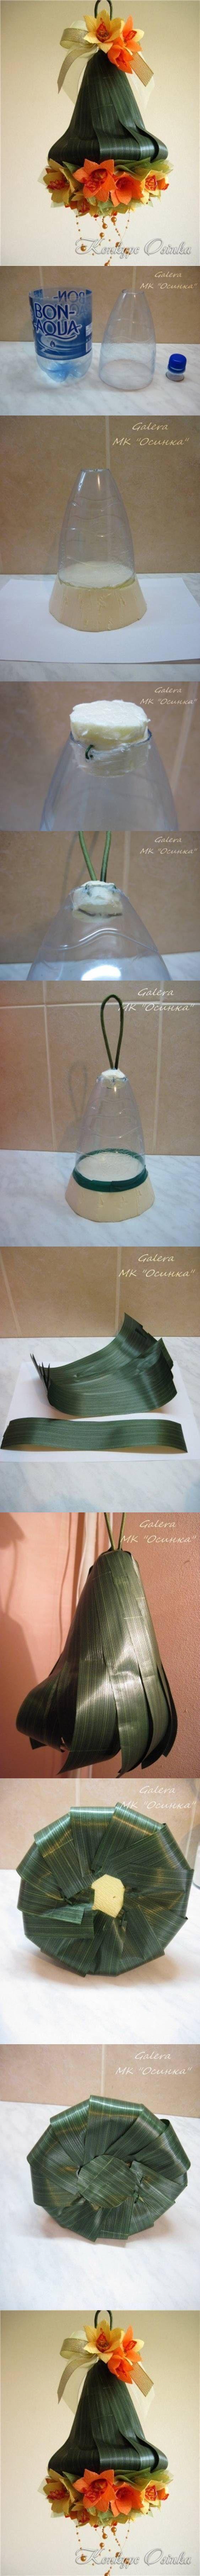 Botella de plástico DIY de Bell Decoración DIY Proyectos | UsefulDIY.com